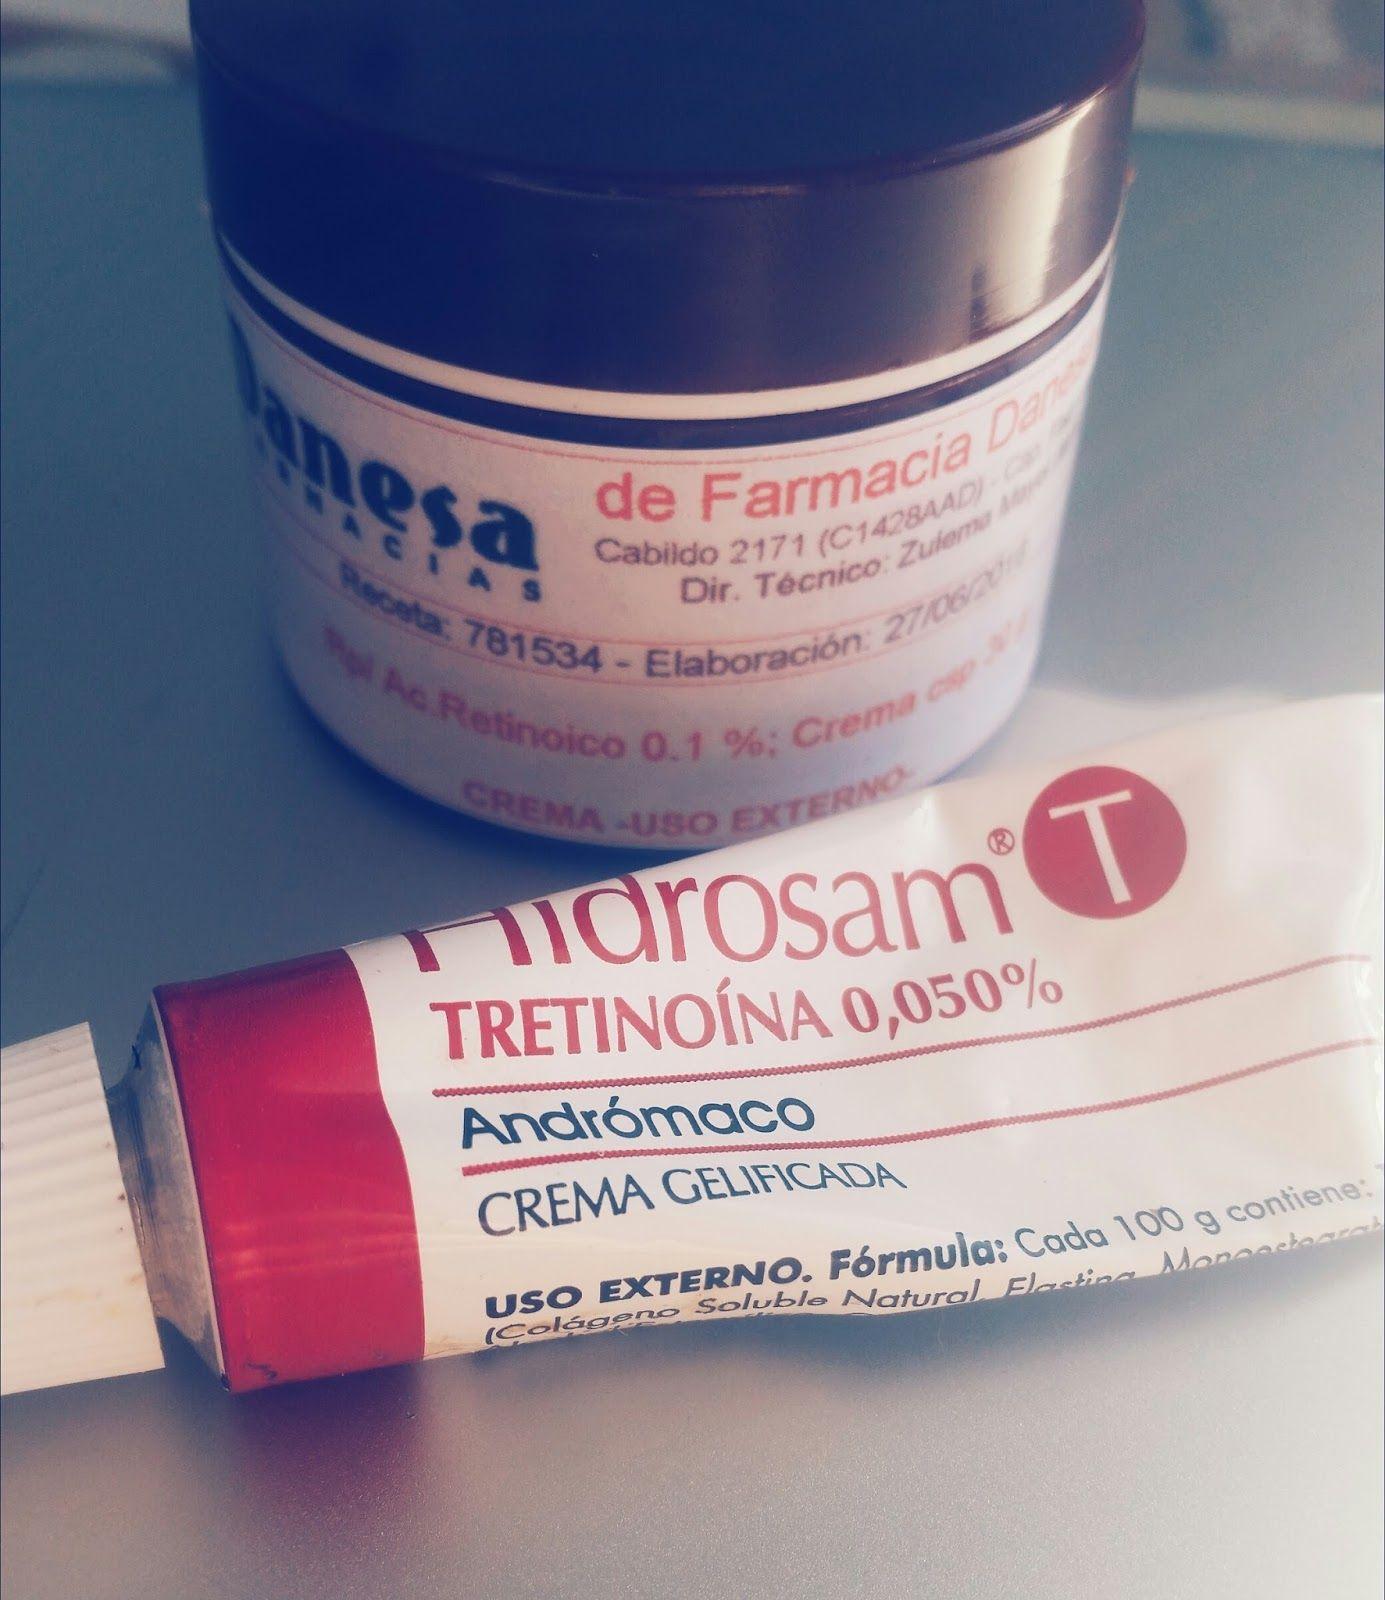 Manual de uso tretinoína, el ácido para conseguir una